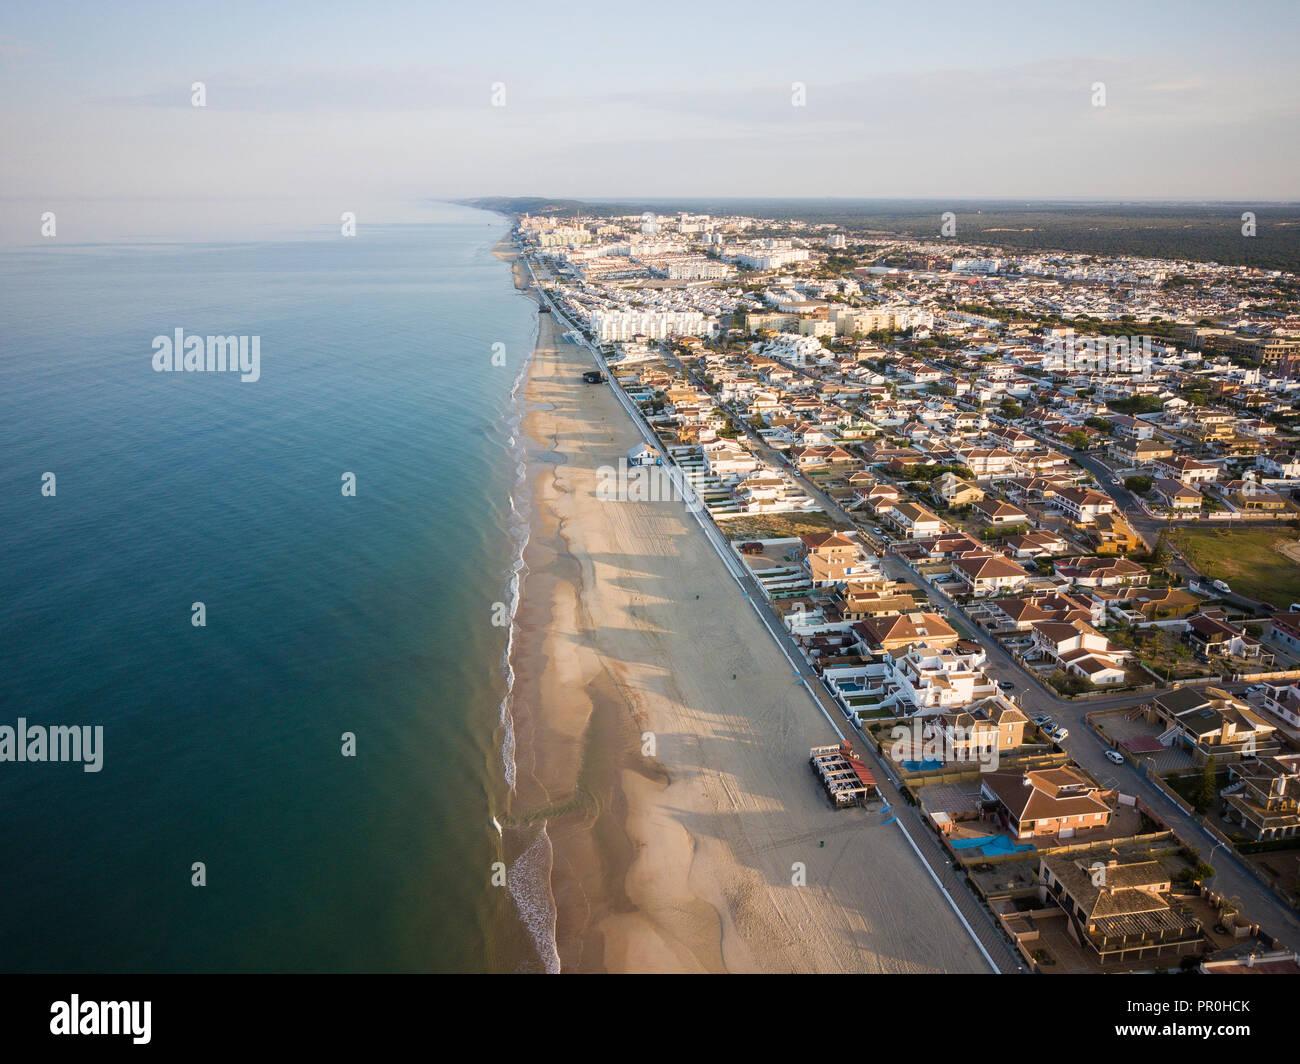 Vista aerea di Matalascañas, da fuco, Distretto di Huelva, Andalusia, Spagna, Europa Immagini Stock